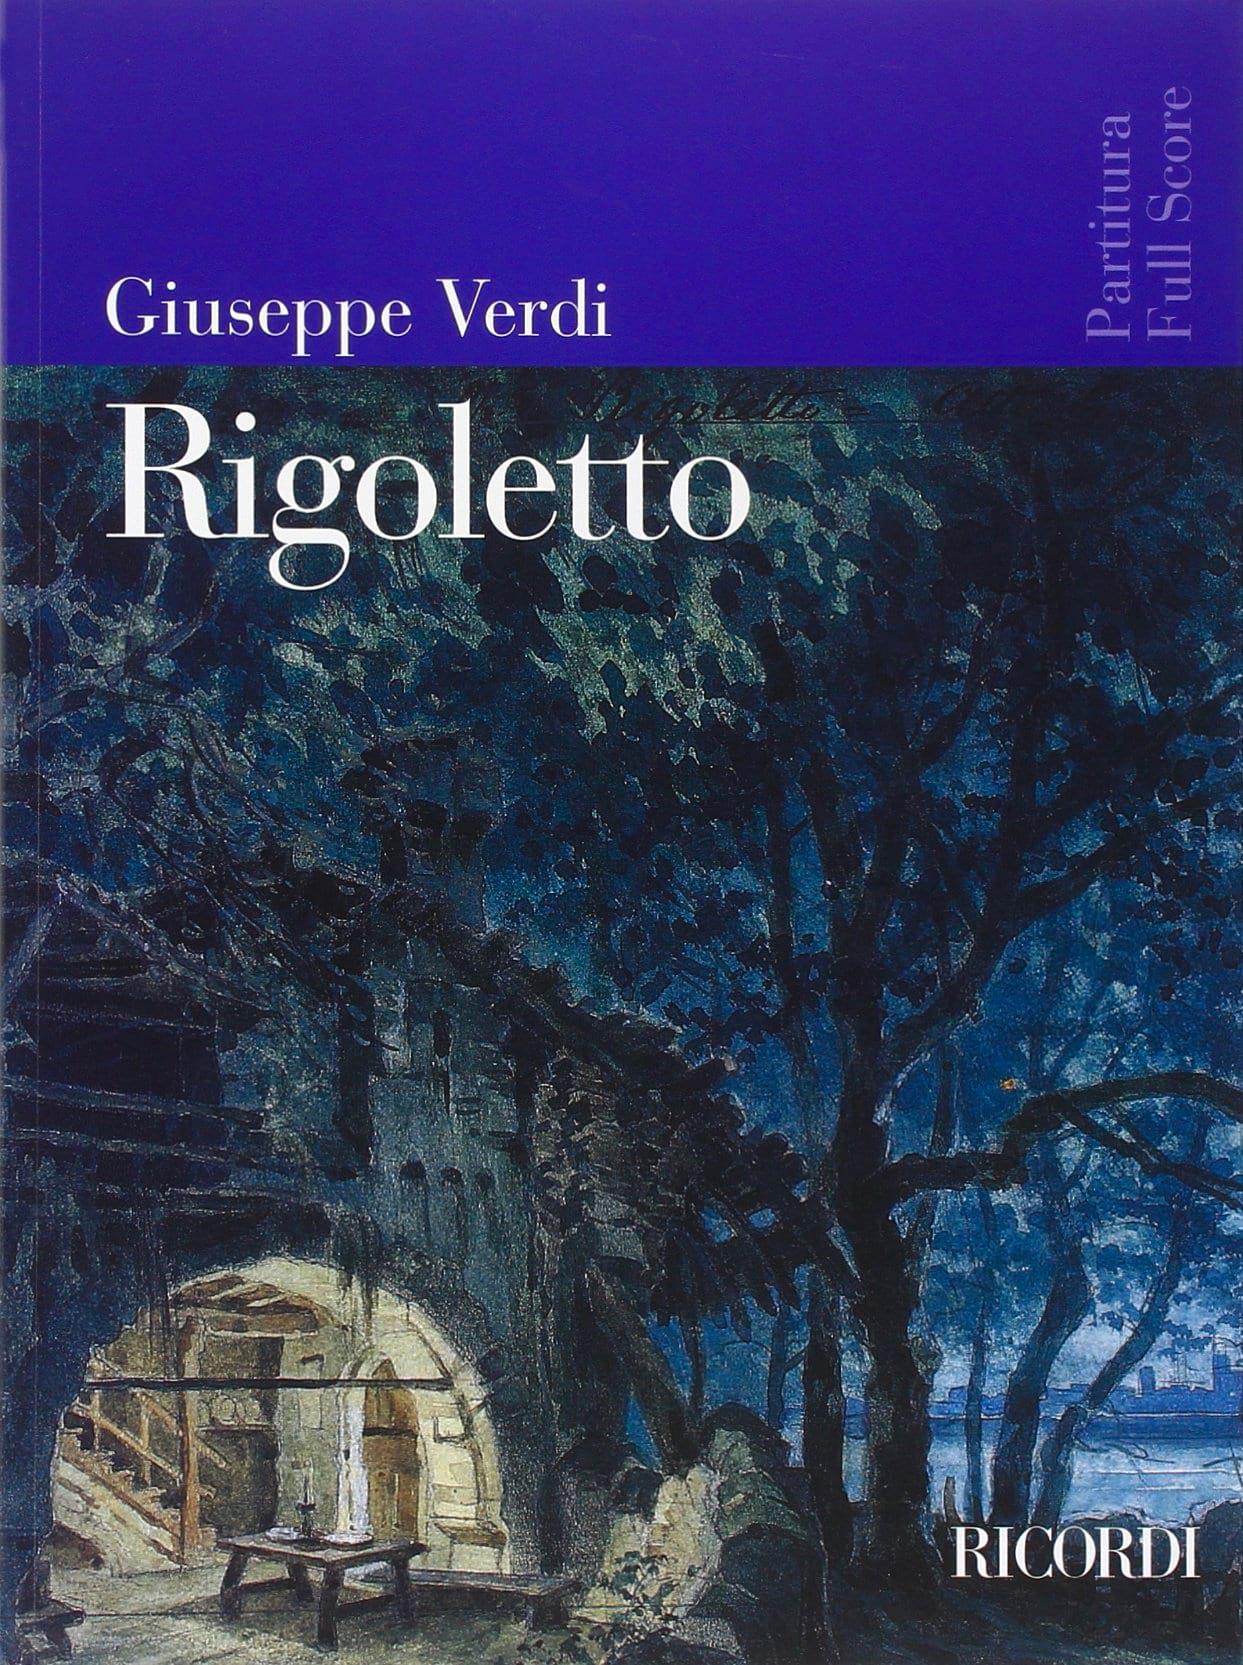 Rigoletto nouvelle édition - Partitura - VERDI - laflutedepan.com